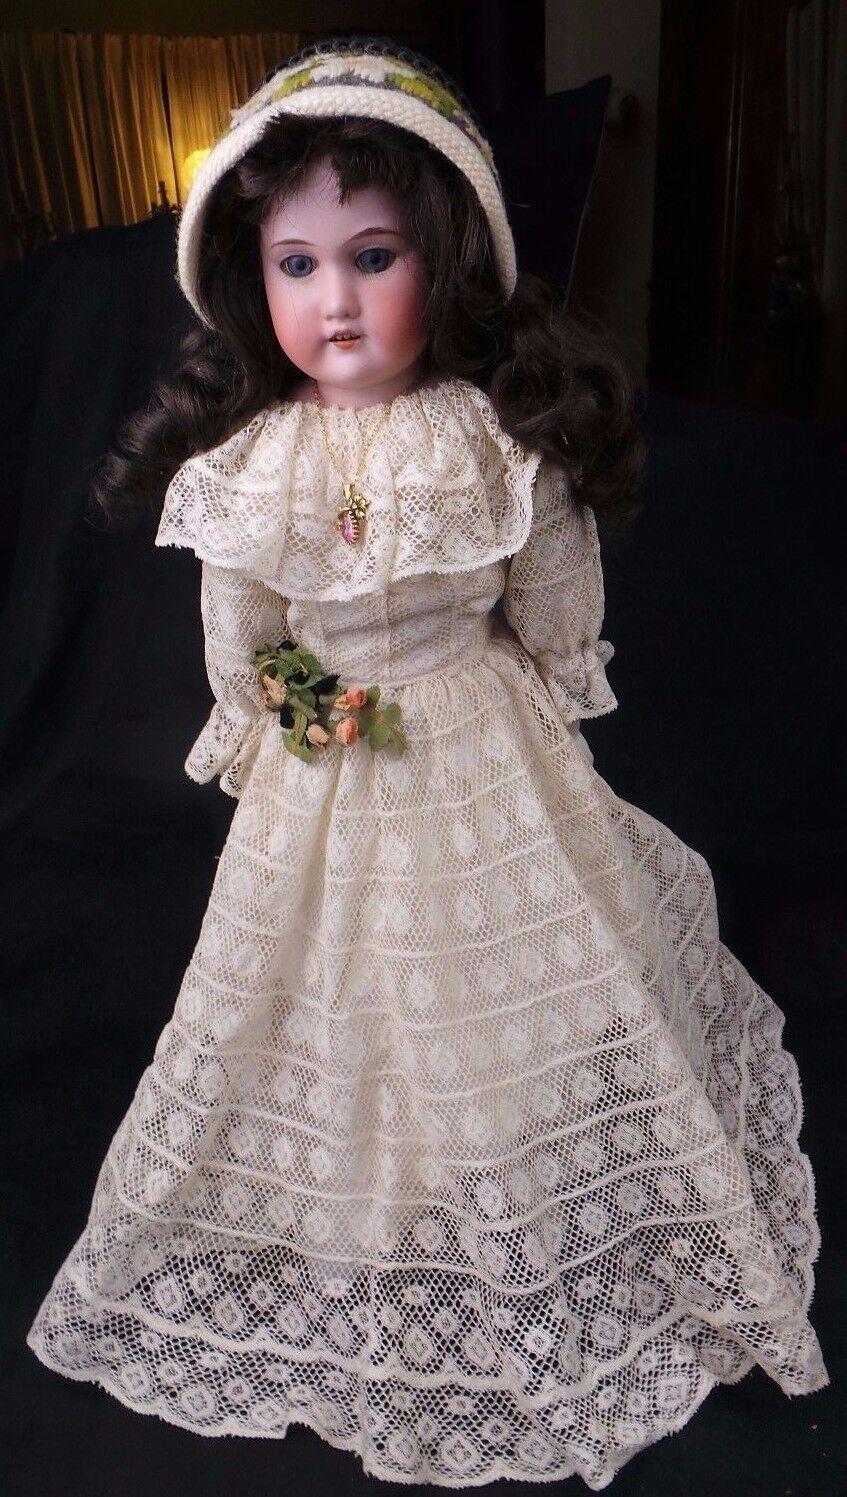 grandi offerte VINTAGE  ARuomoD MARSEILLE FLORADORA SHOULDER PLATE PLATE PLATE GERuomo bambola  ottima selezione e consegna rapida